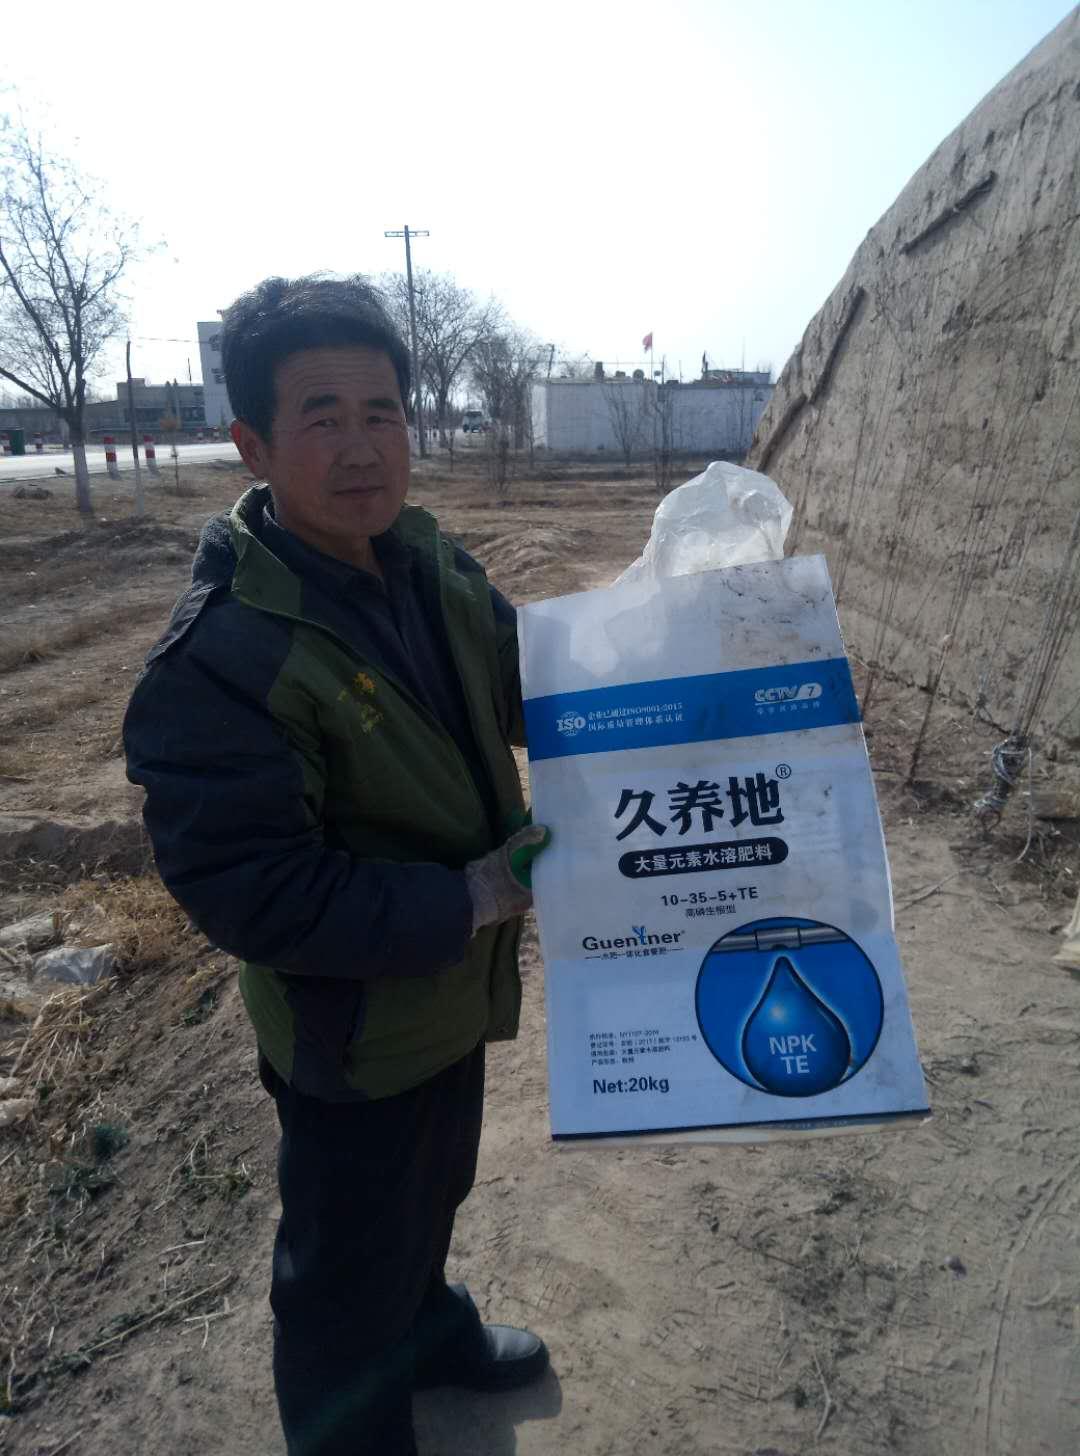 水溶肥 冲施肥 大量元素水溶肥